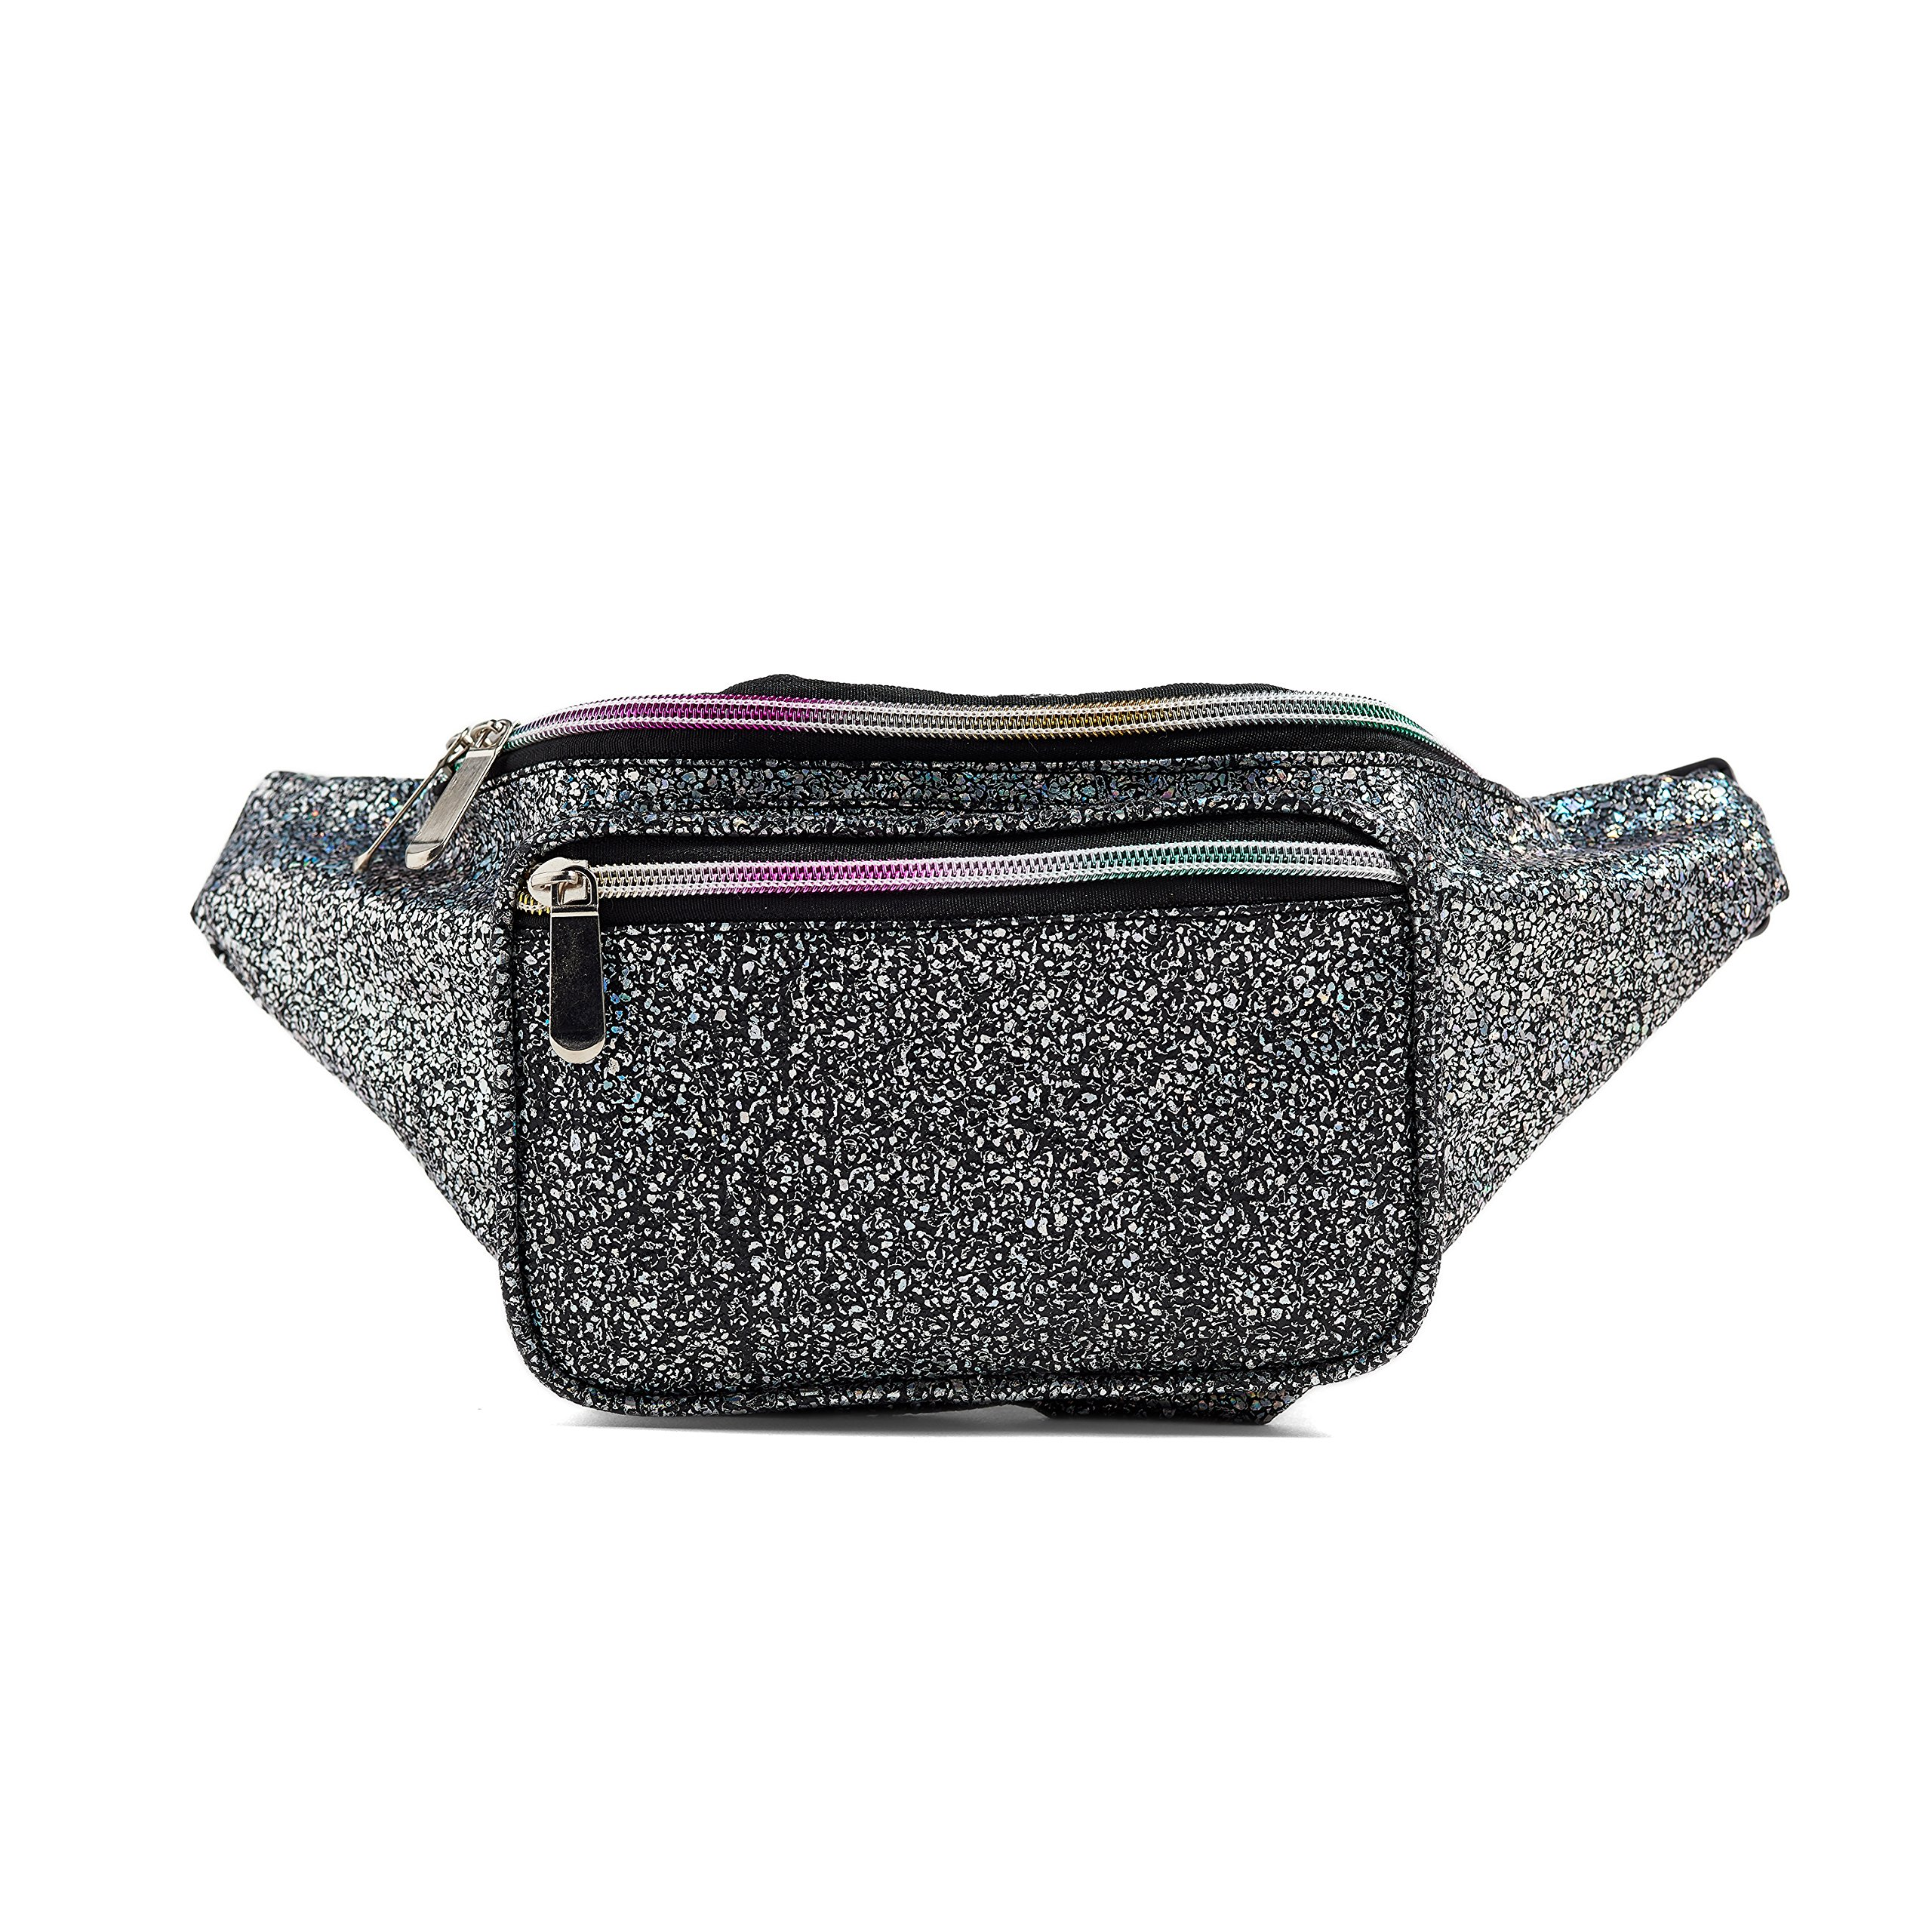 C.T.Soarsky Water Resistant Fanny Bag for Women Rave Festival Hologram Waist Pack Black Gravel